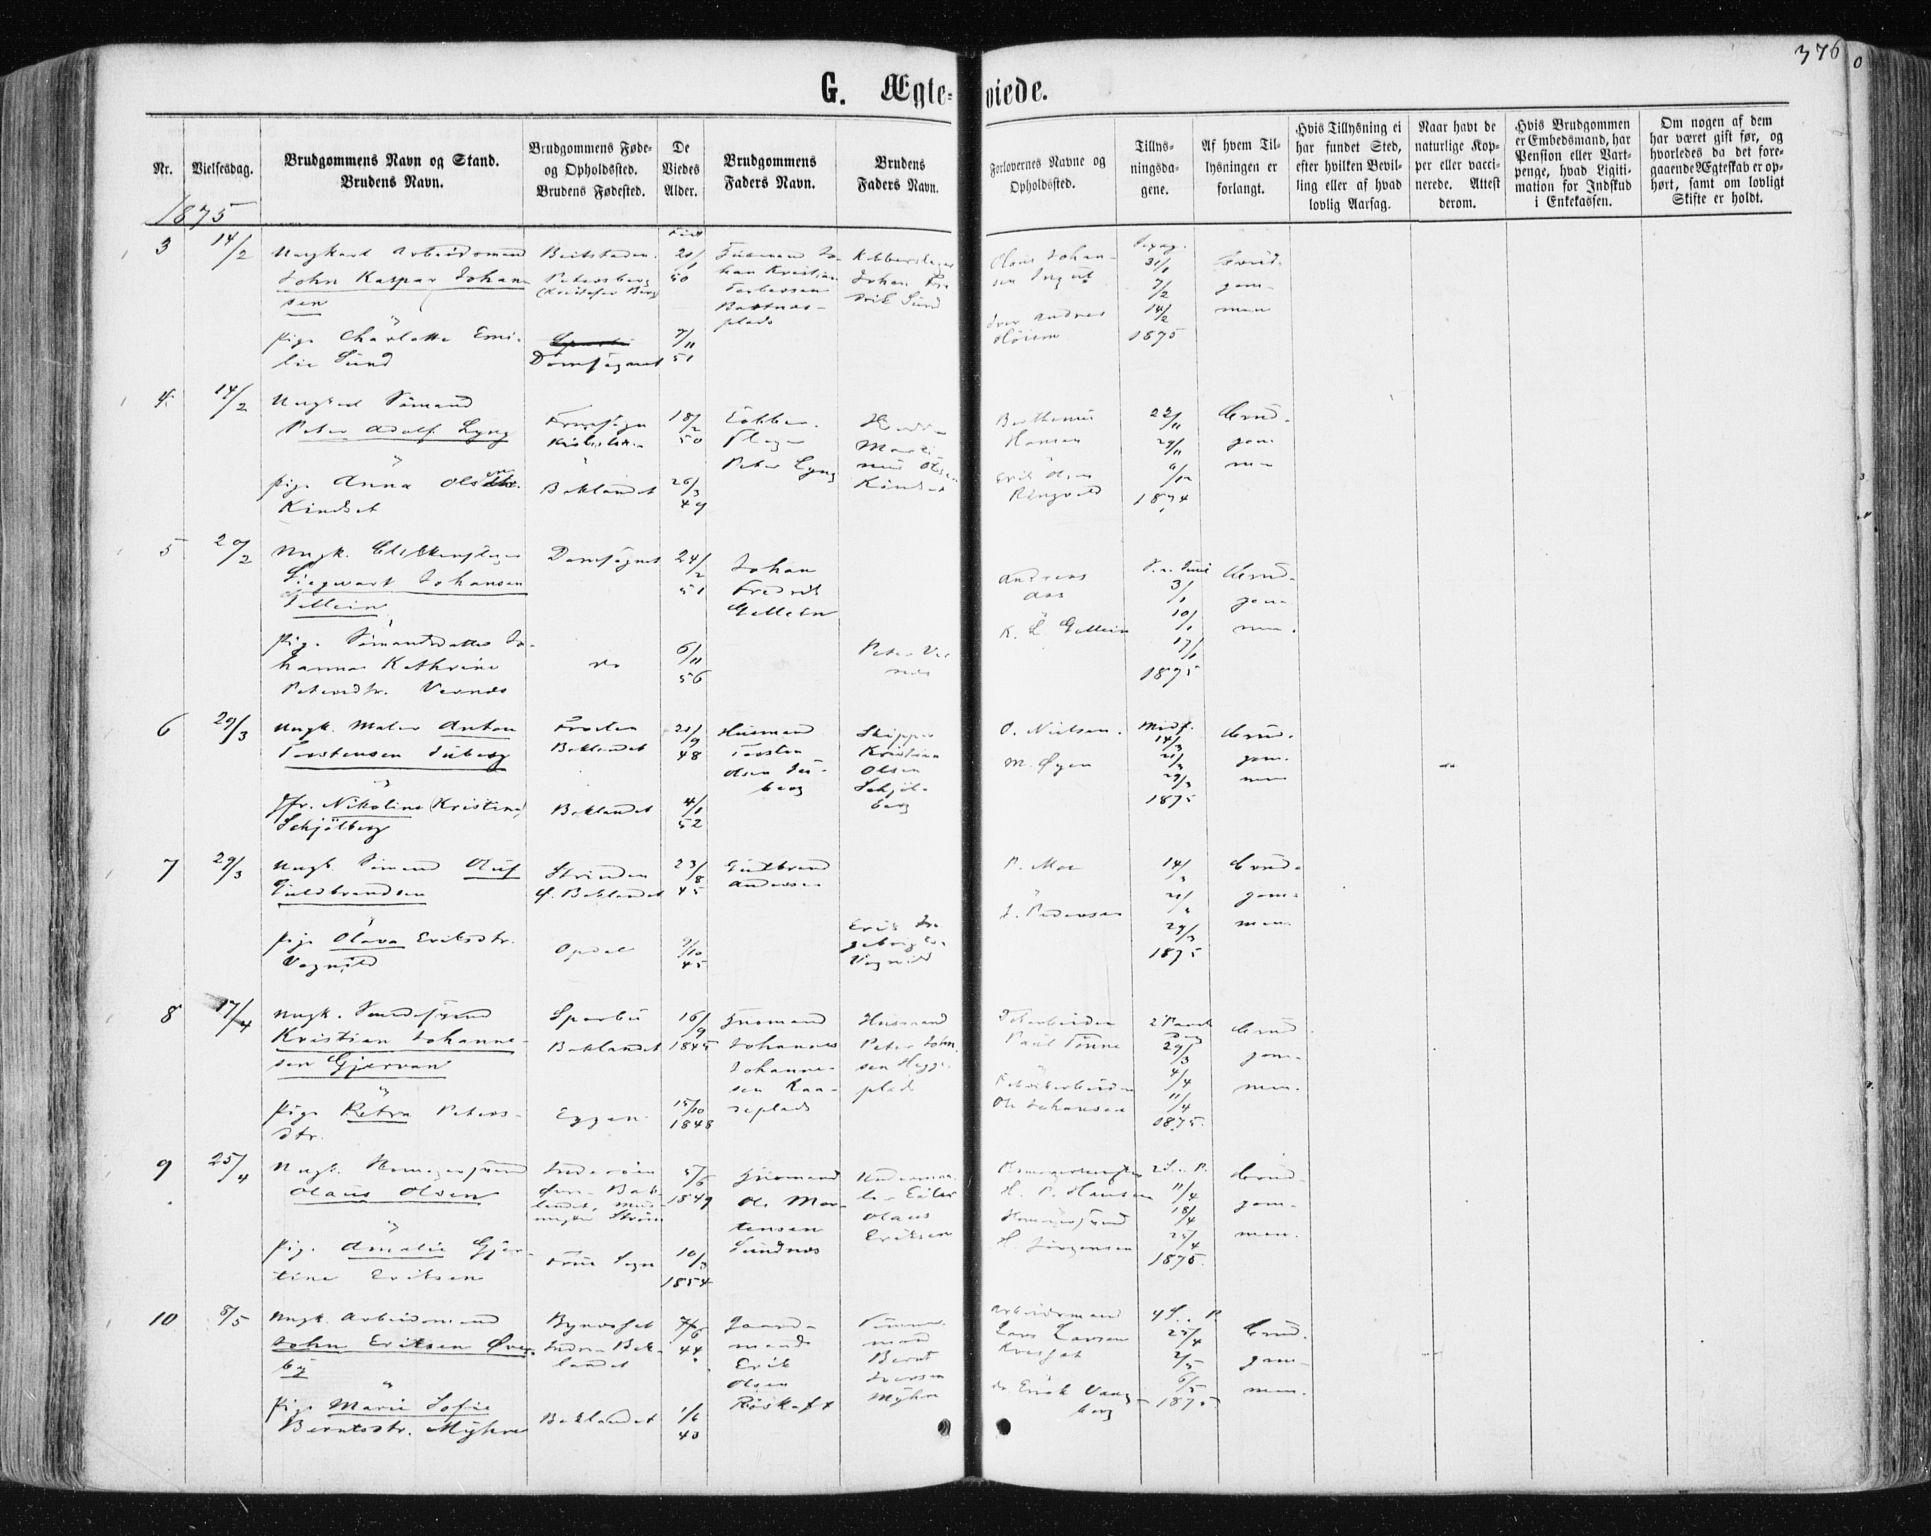 SAT, Ministerialprotokoller, klokkerbøker og fødselsregistre - Sør-Trøndelag, 604/L0186: Ministerialbok nr. 604A07, 1866-1877, s. 376